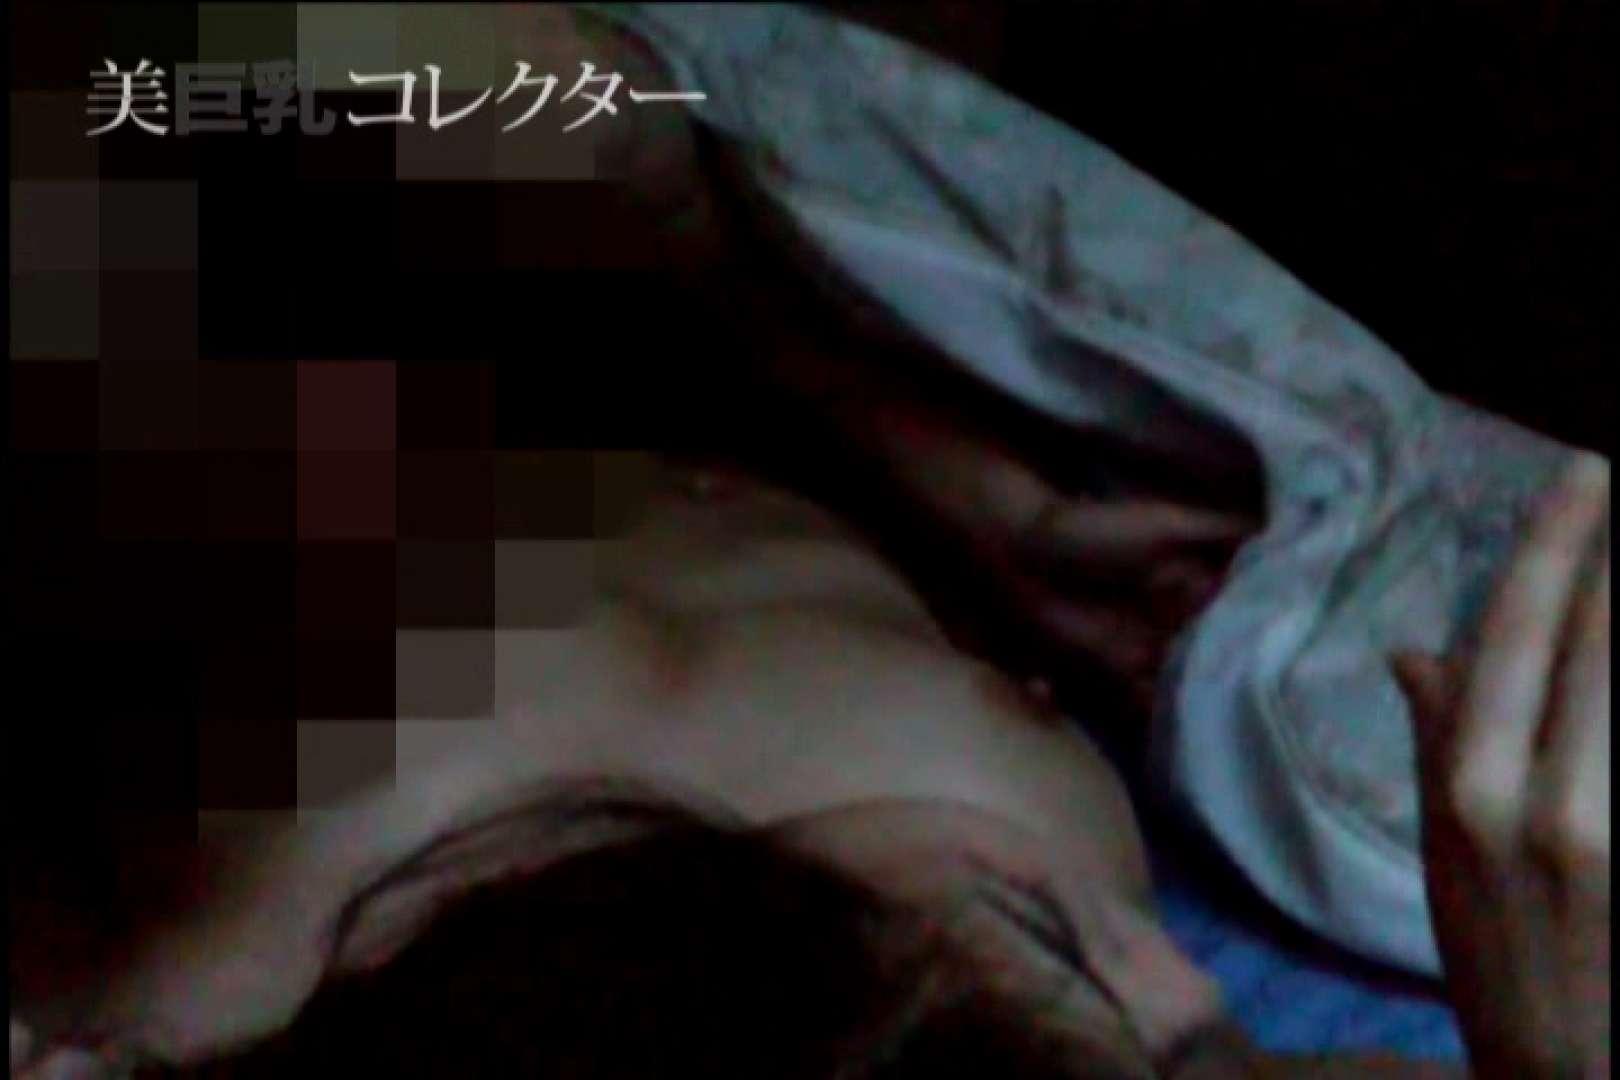 泥酔Hカップ爆乳ギャル3 隠撮  29連発 9